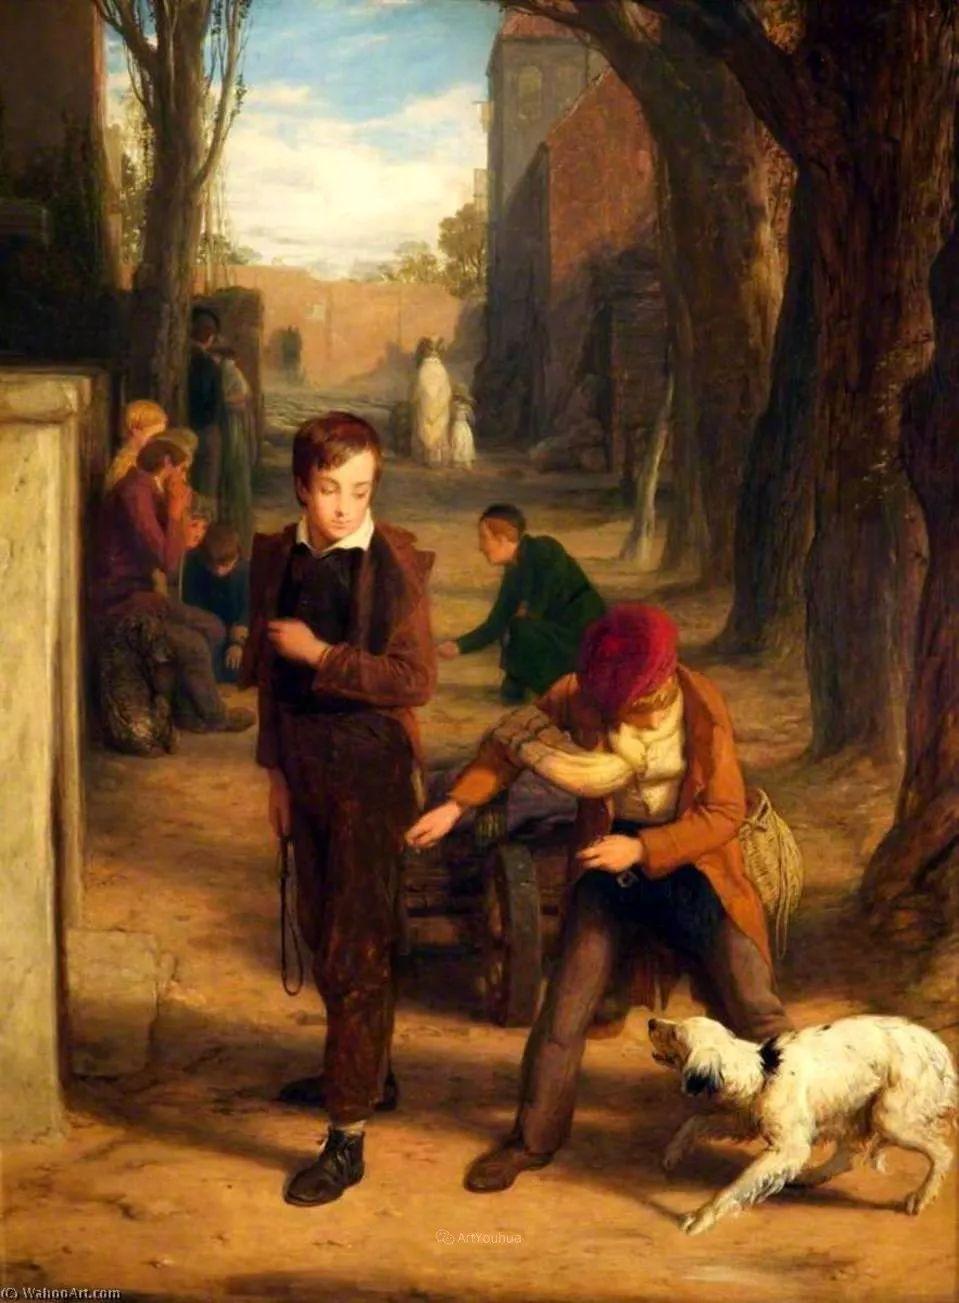 农村生活场景,爱尔兰画家威廉·穆雷迪插图35